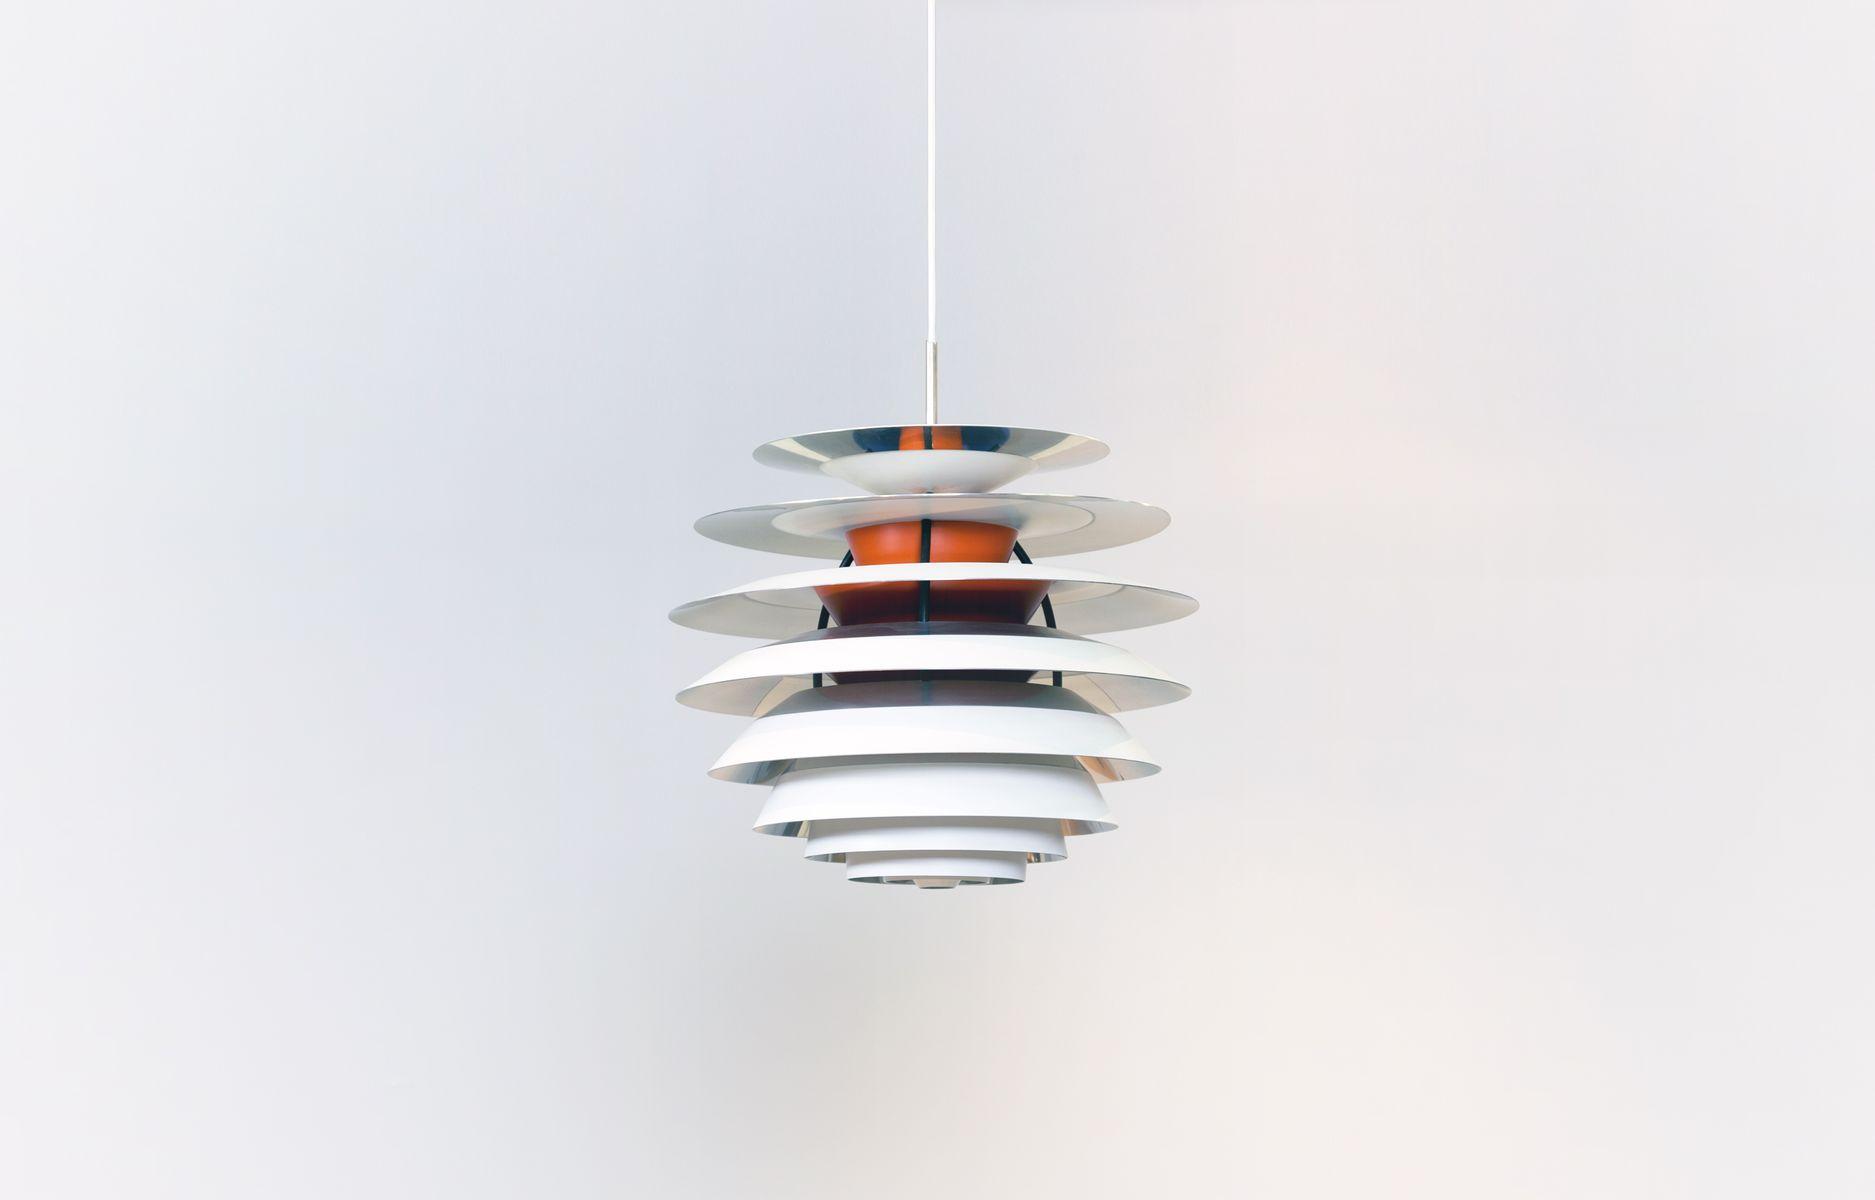 plafonnier scandinave par poul henningsen pour louis poulsen 1960s. Black Bedroom Furniture Sets. Home Design Ideas